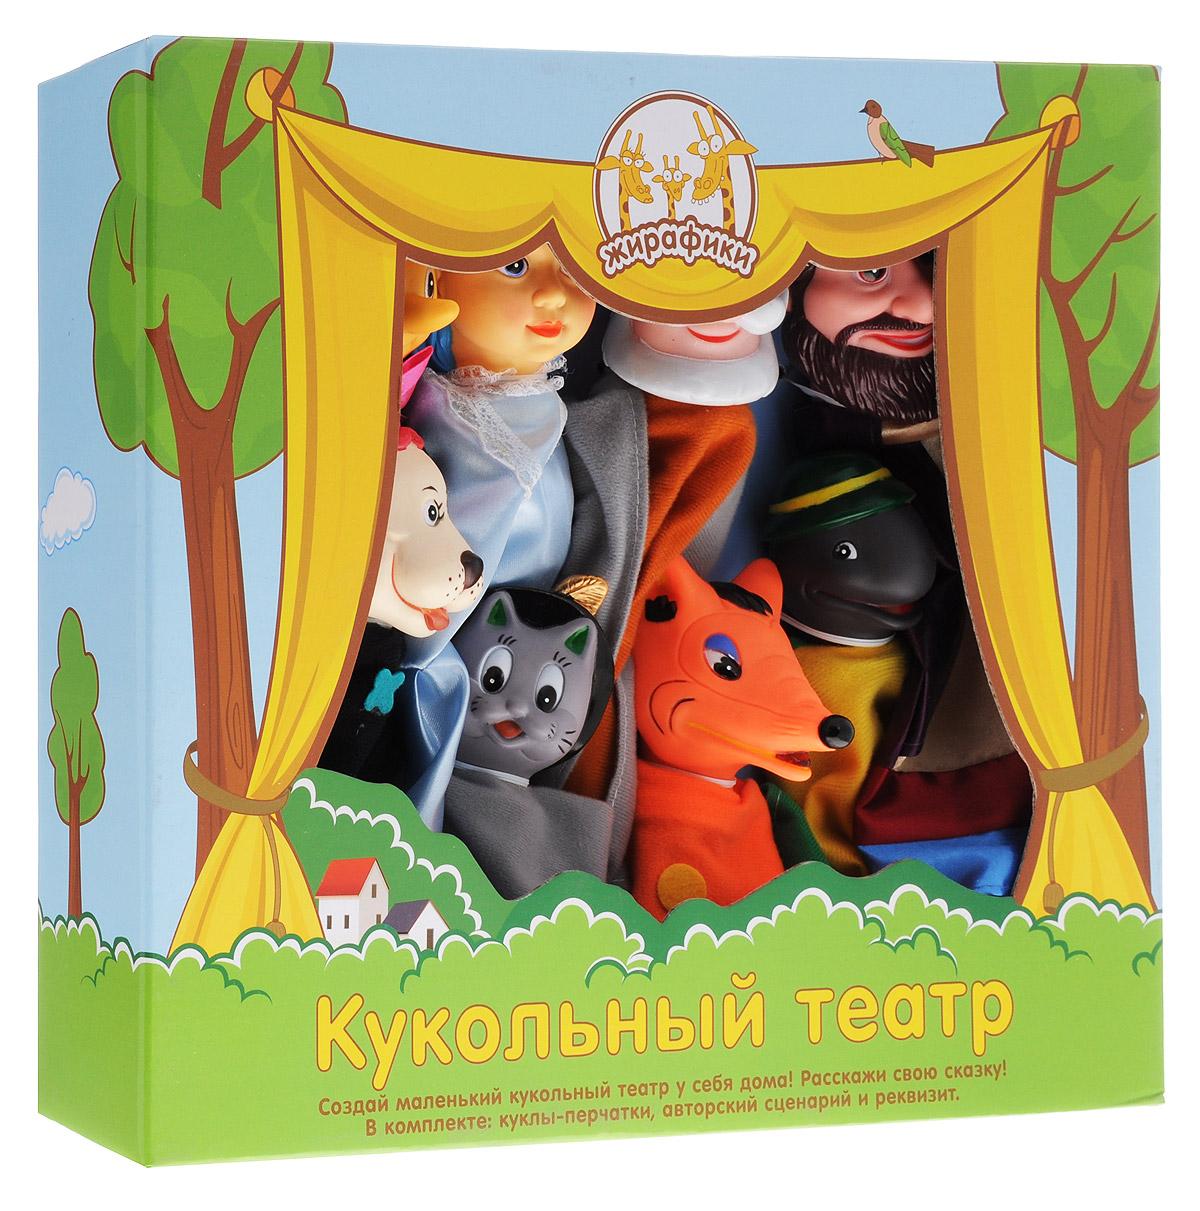 Жирафики Кукольный театр Буратино68344Кукольный театр - особое волшебство, целый мир, который ребенок может создать сам вместе с вами. И сделать это вы можете прямо у себя дома. Известно, что любые ролевые игры развивают детскую фантазию, помогают понять себя и окружающих. Участвуя в театральной постановке, ребенок раскрывается, в результате чего учится общаться. Весь мир театр, а люди в нем актеры, - сказал Шекспир. И это действительно так, ведь наше ежедневное общение - это своеобразный ритуал, очень похожий на театральный. Все мы надеваем маски, все играем роли в той или иной ситуации, даже дети. Научиться общению, развить воображение и овладеть даром слова поможет театр. Это - прекрасный опыт публичных выступлений, здесь можно научиться говорить и не бояться публики. Кстати, театр кукол - замечательный способ преодолеть застенчивость и страх перед зрителями. Многие дети порой стесняются не только выходить на сцену, но даже рассказывать стихи перед аудиторией. А когда играешь с куклой, можно вообразить себя кем...